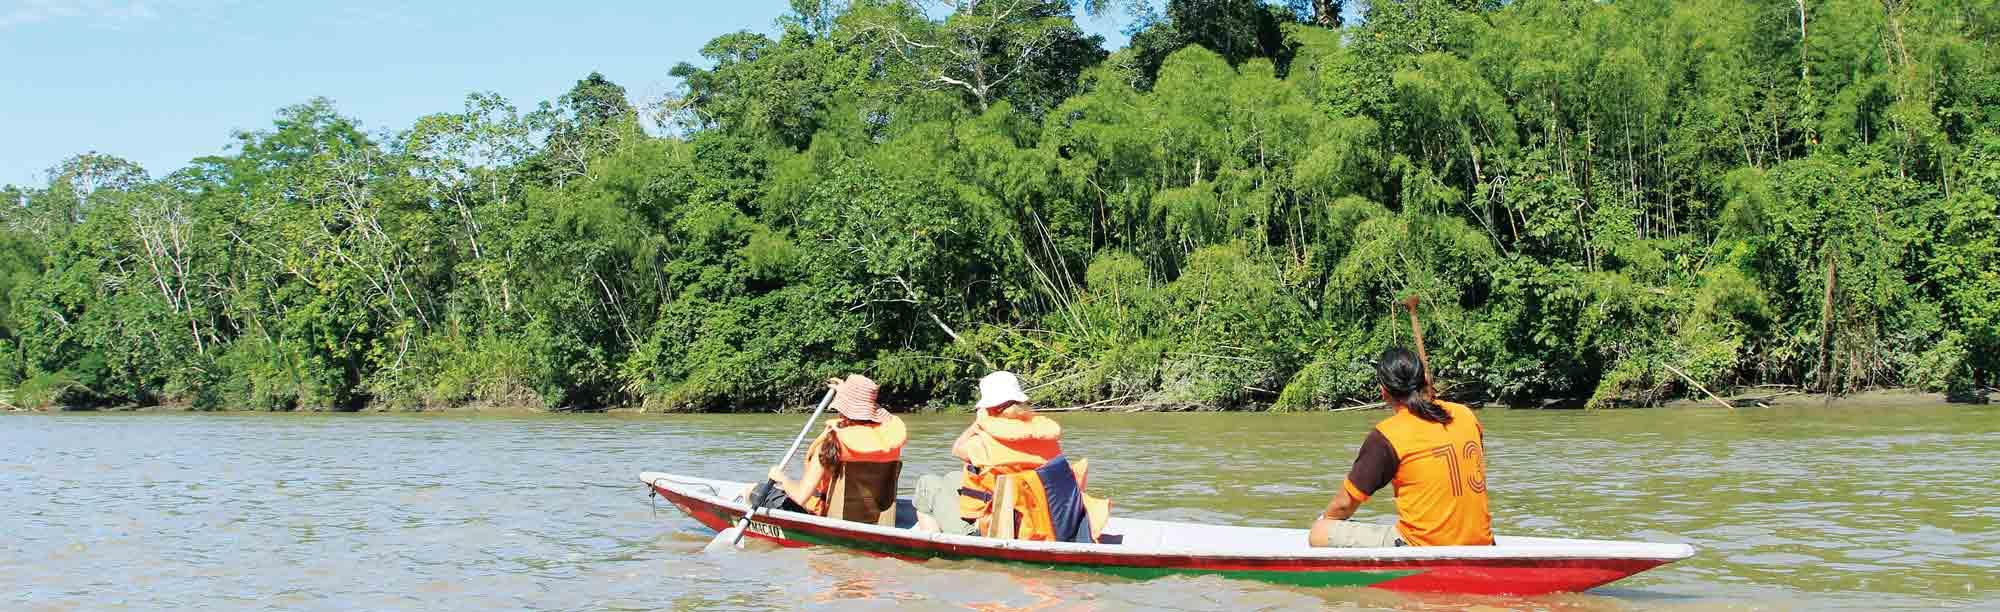 Mit dem Kanu auf Entdeckungstour